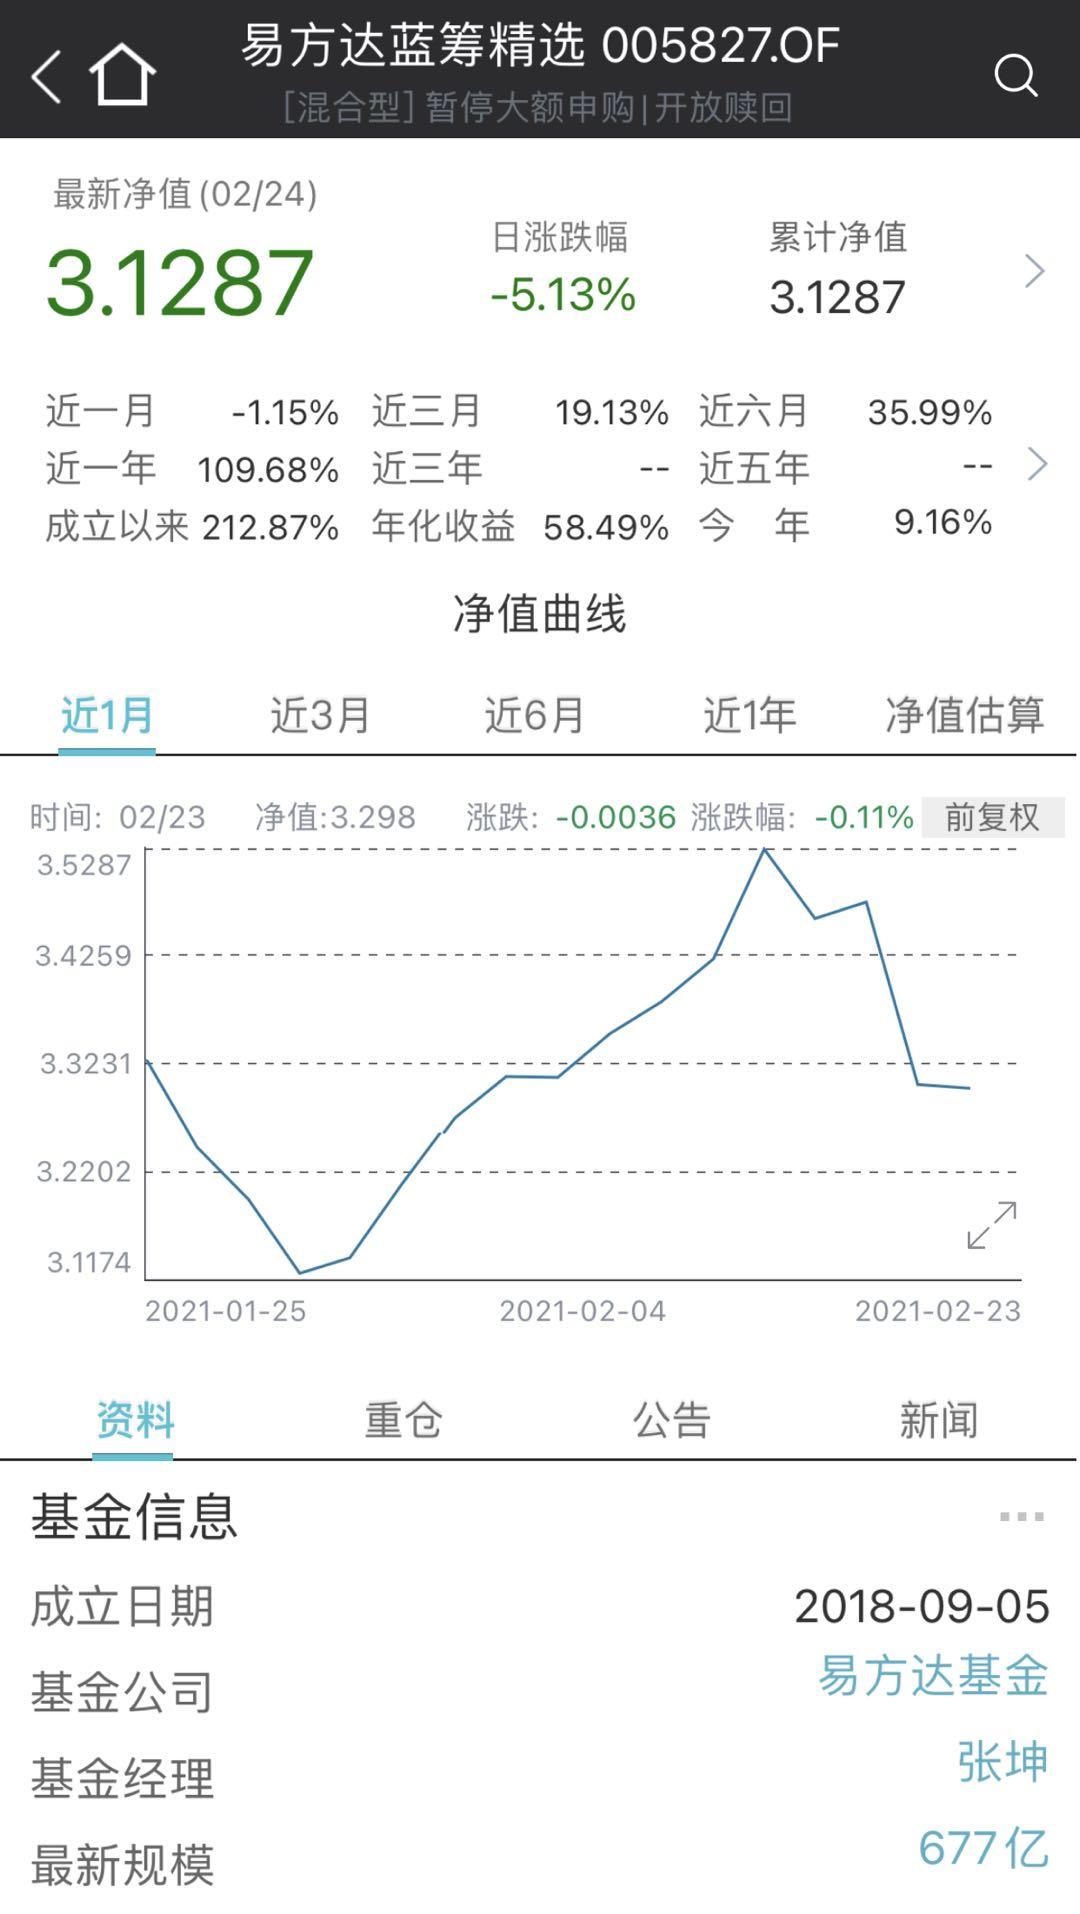 易方达蓝筹精选近1个月走势,来源:Wind